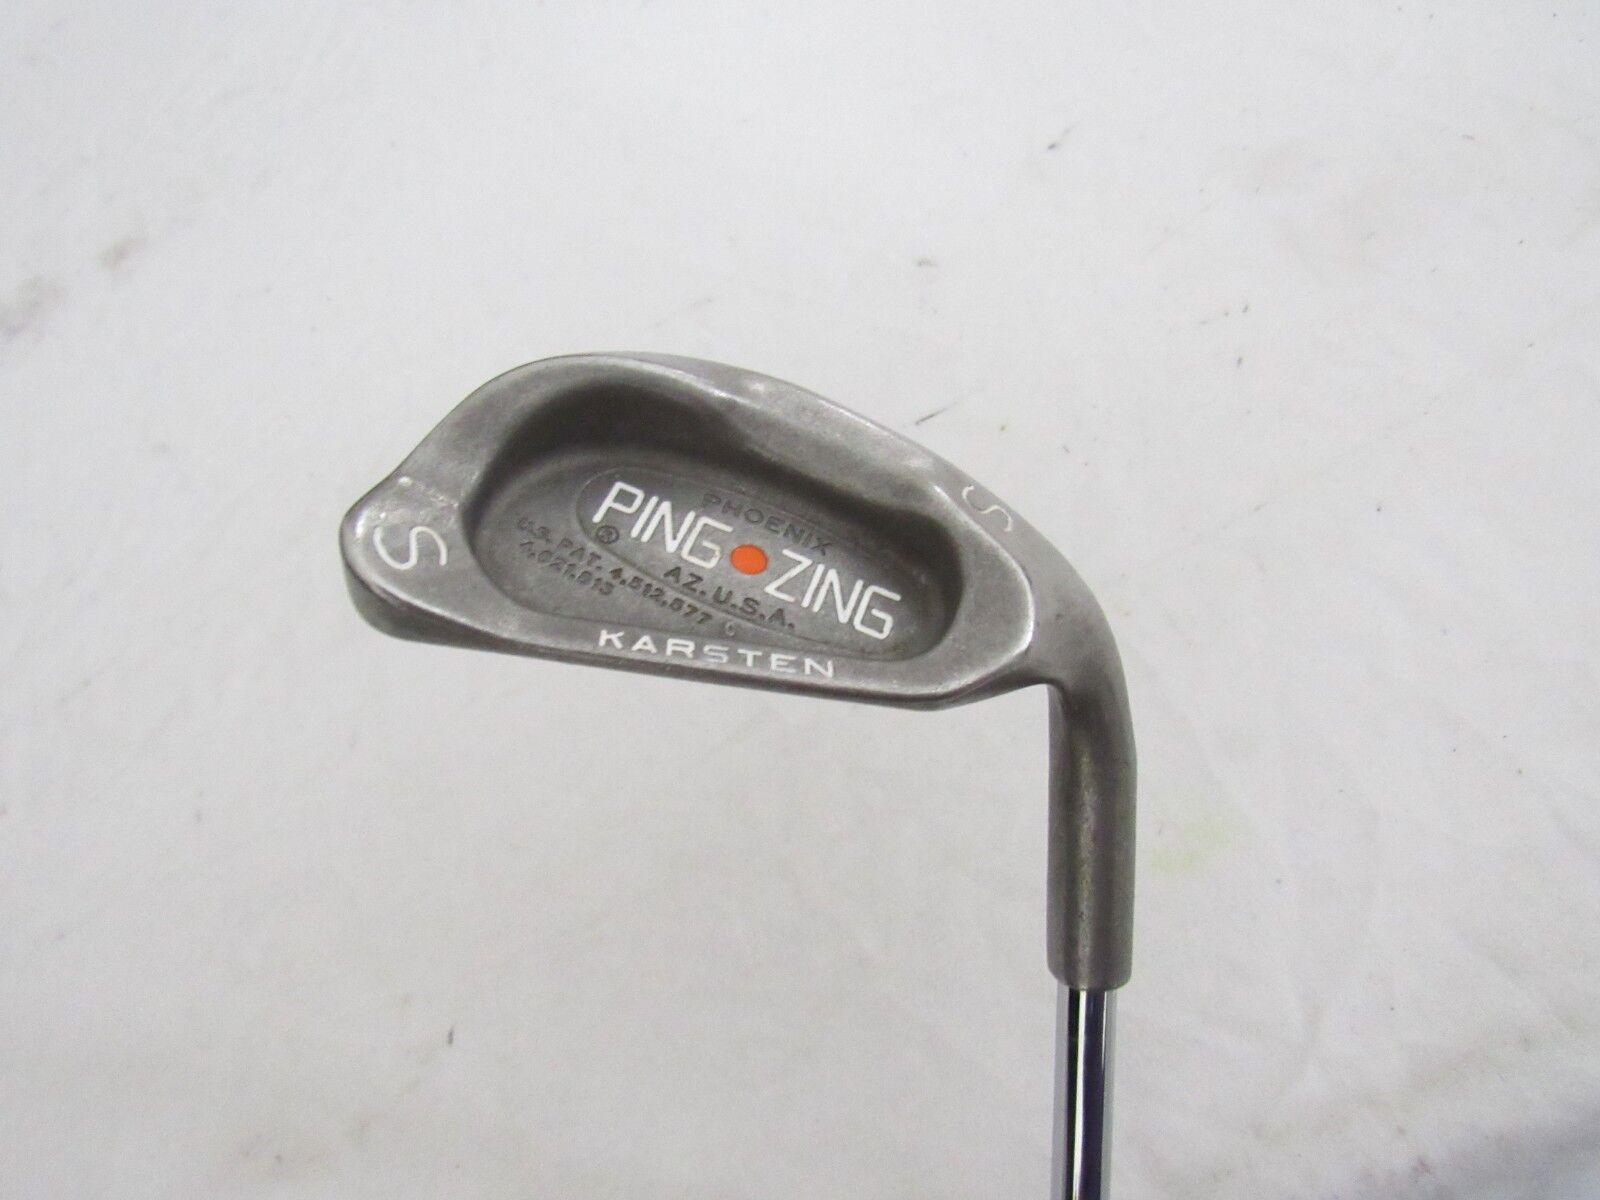 Ping Zing (Naranja DOT)  SINGLE único tejido Cuña De Arena-jz rígido (s) de acero flexible utilizado mano derecha  auténtico